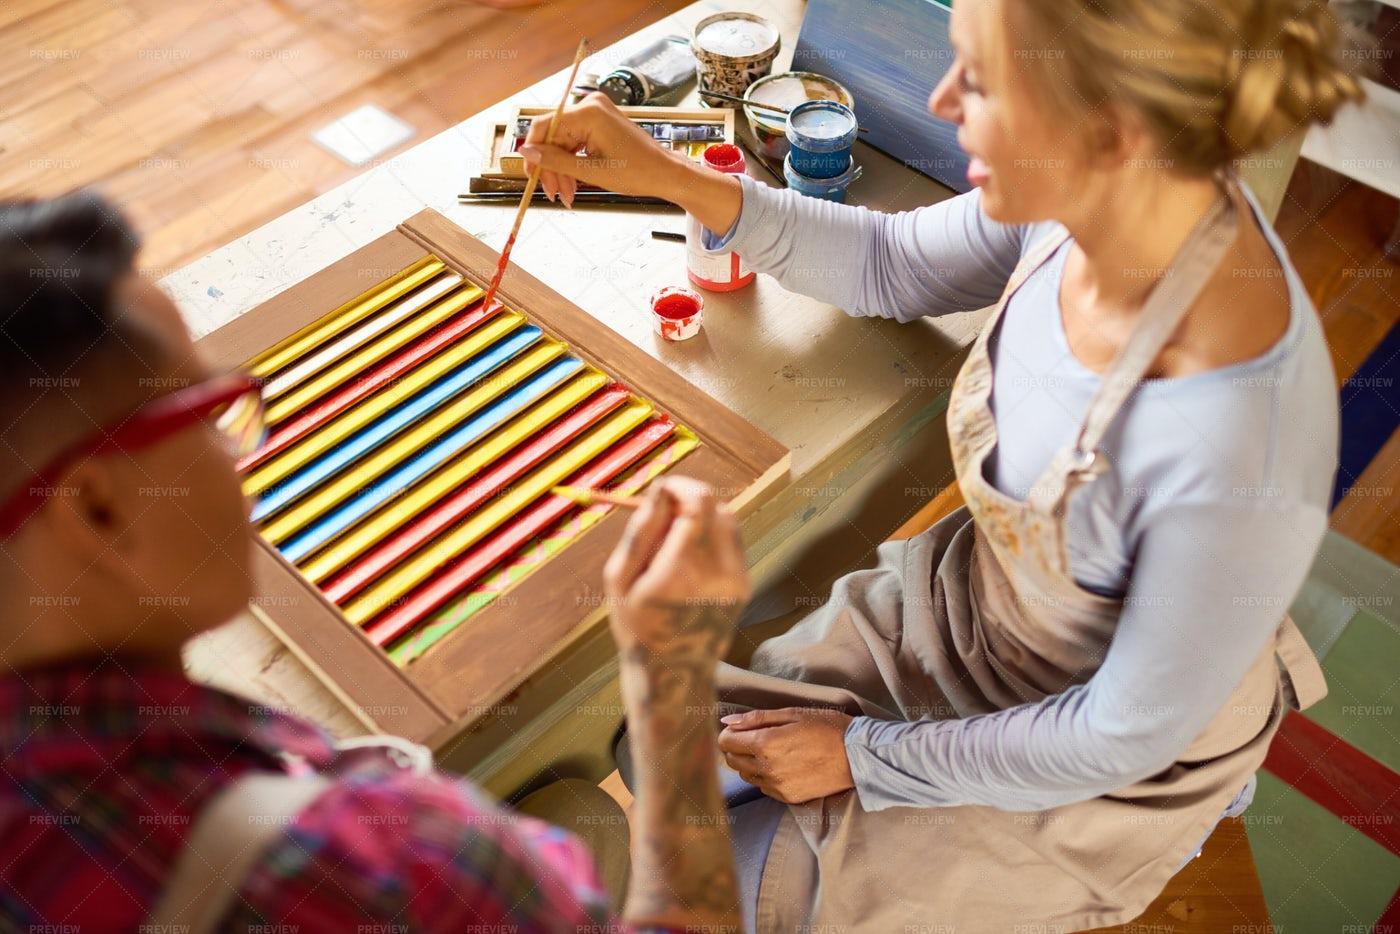 Two Women Working In Art Studio: Stock Photos